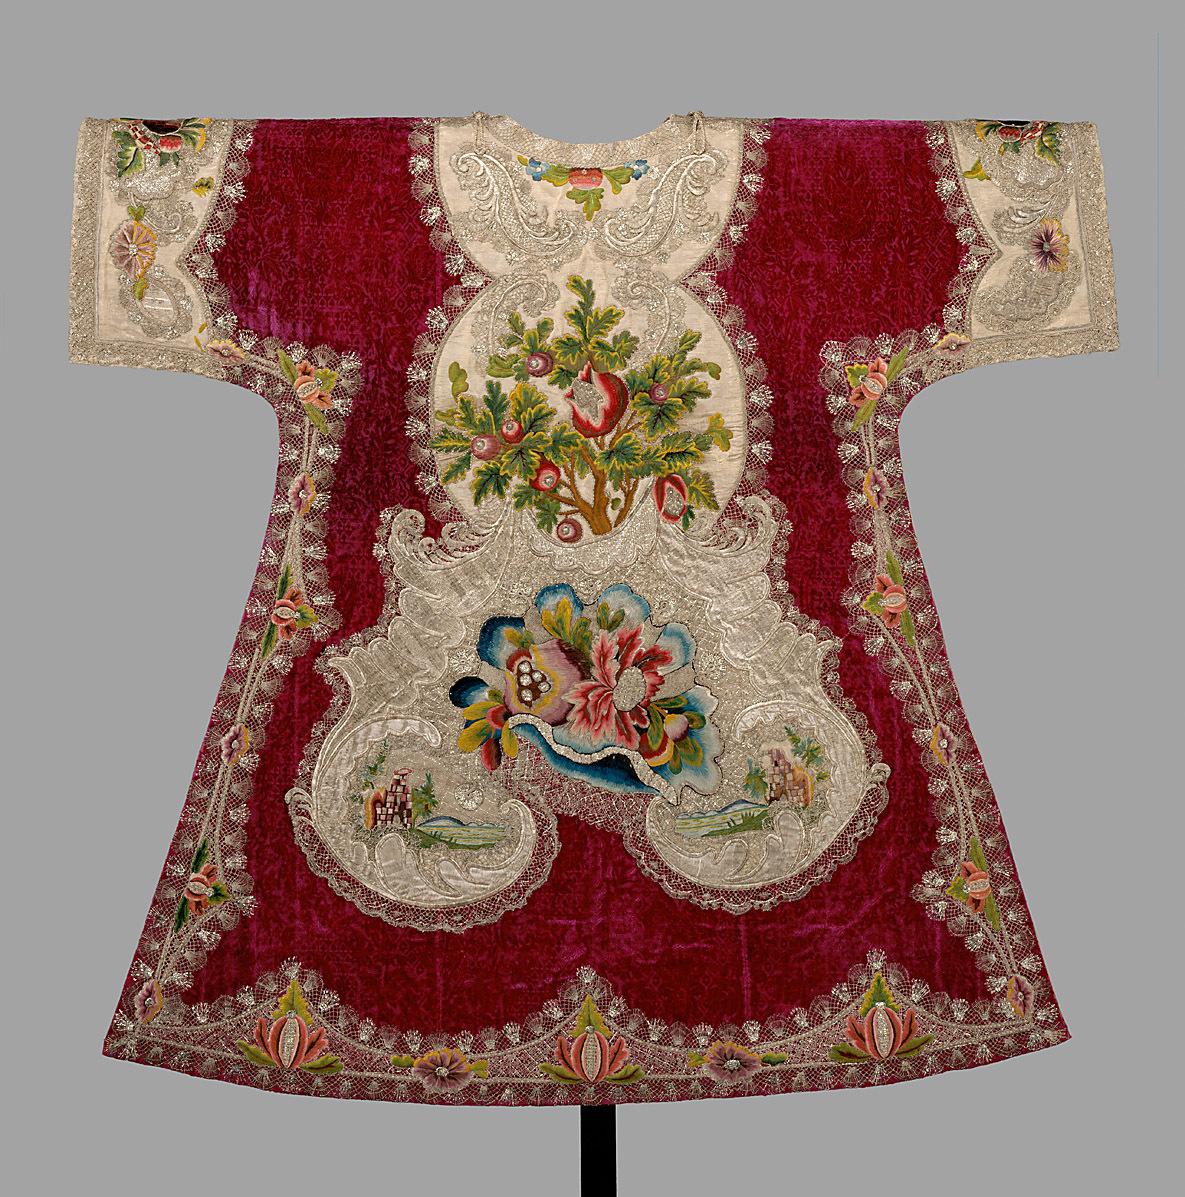 Dalmatika des Rotsamtenen Ornates